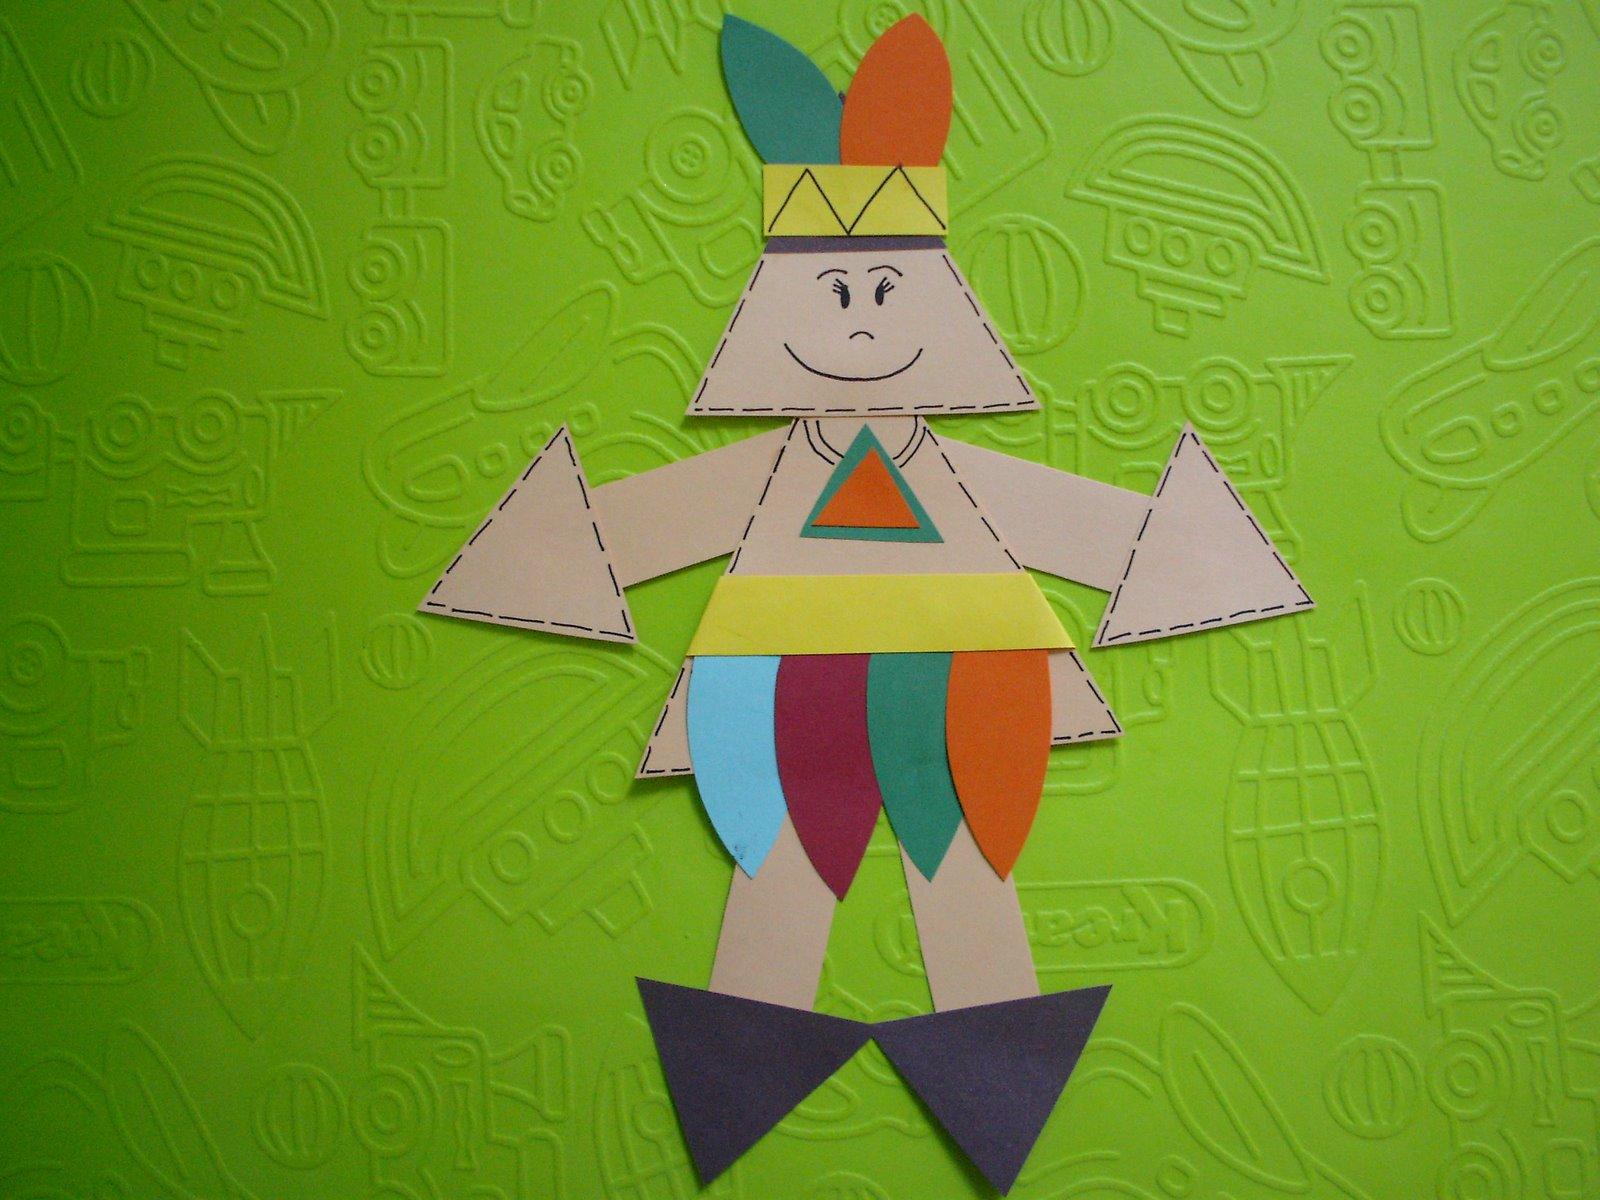 Lembrancinhas Dia do Índio em EVA com Figuras Geométricas